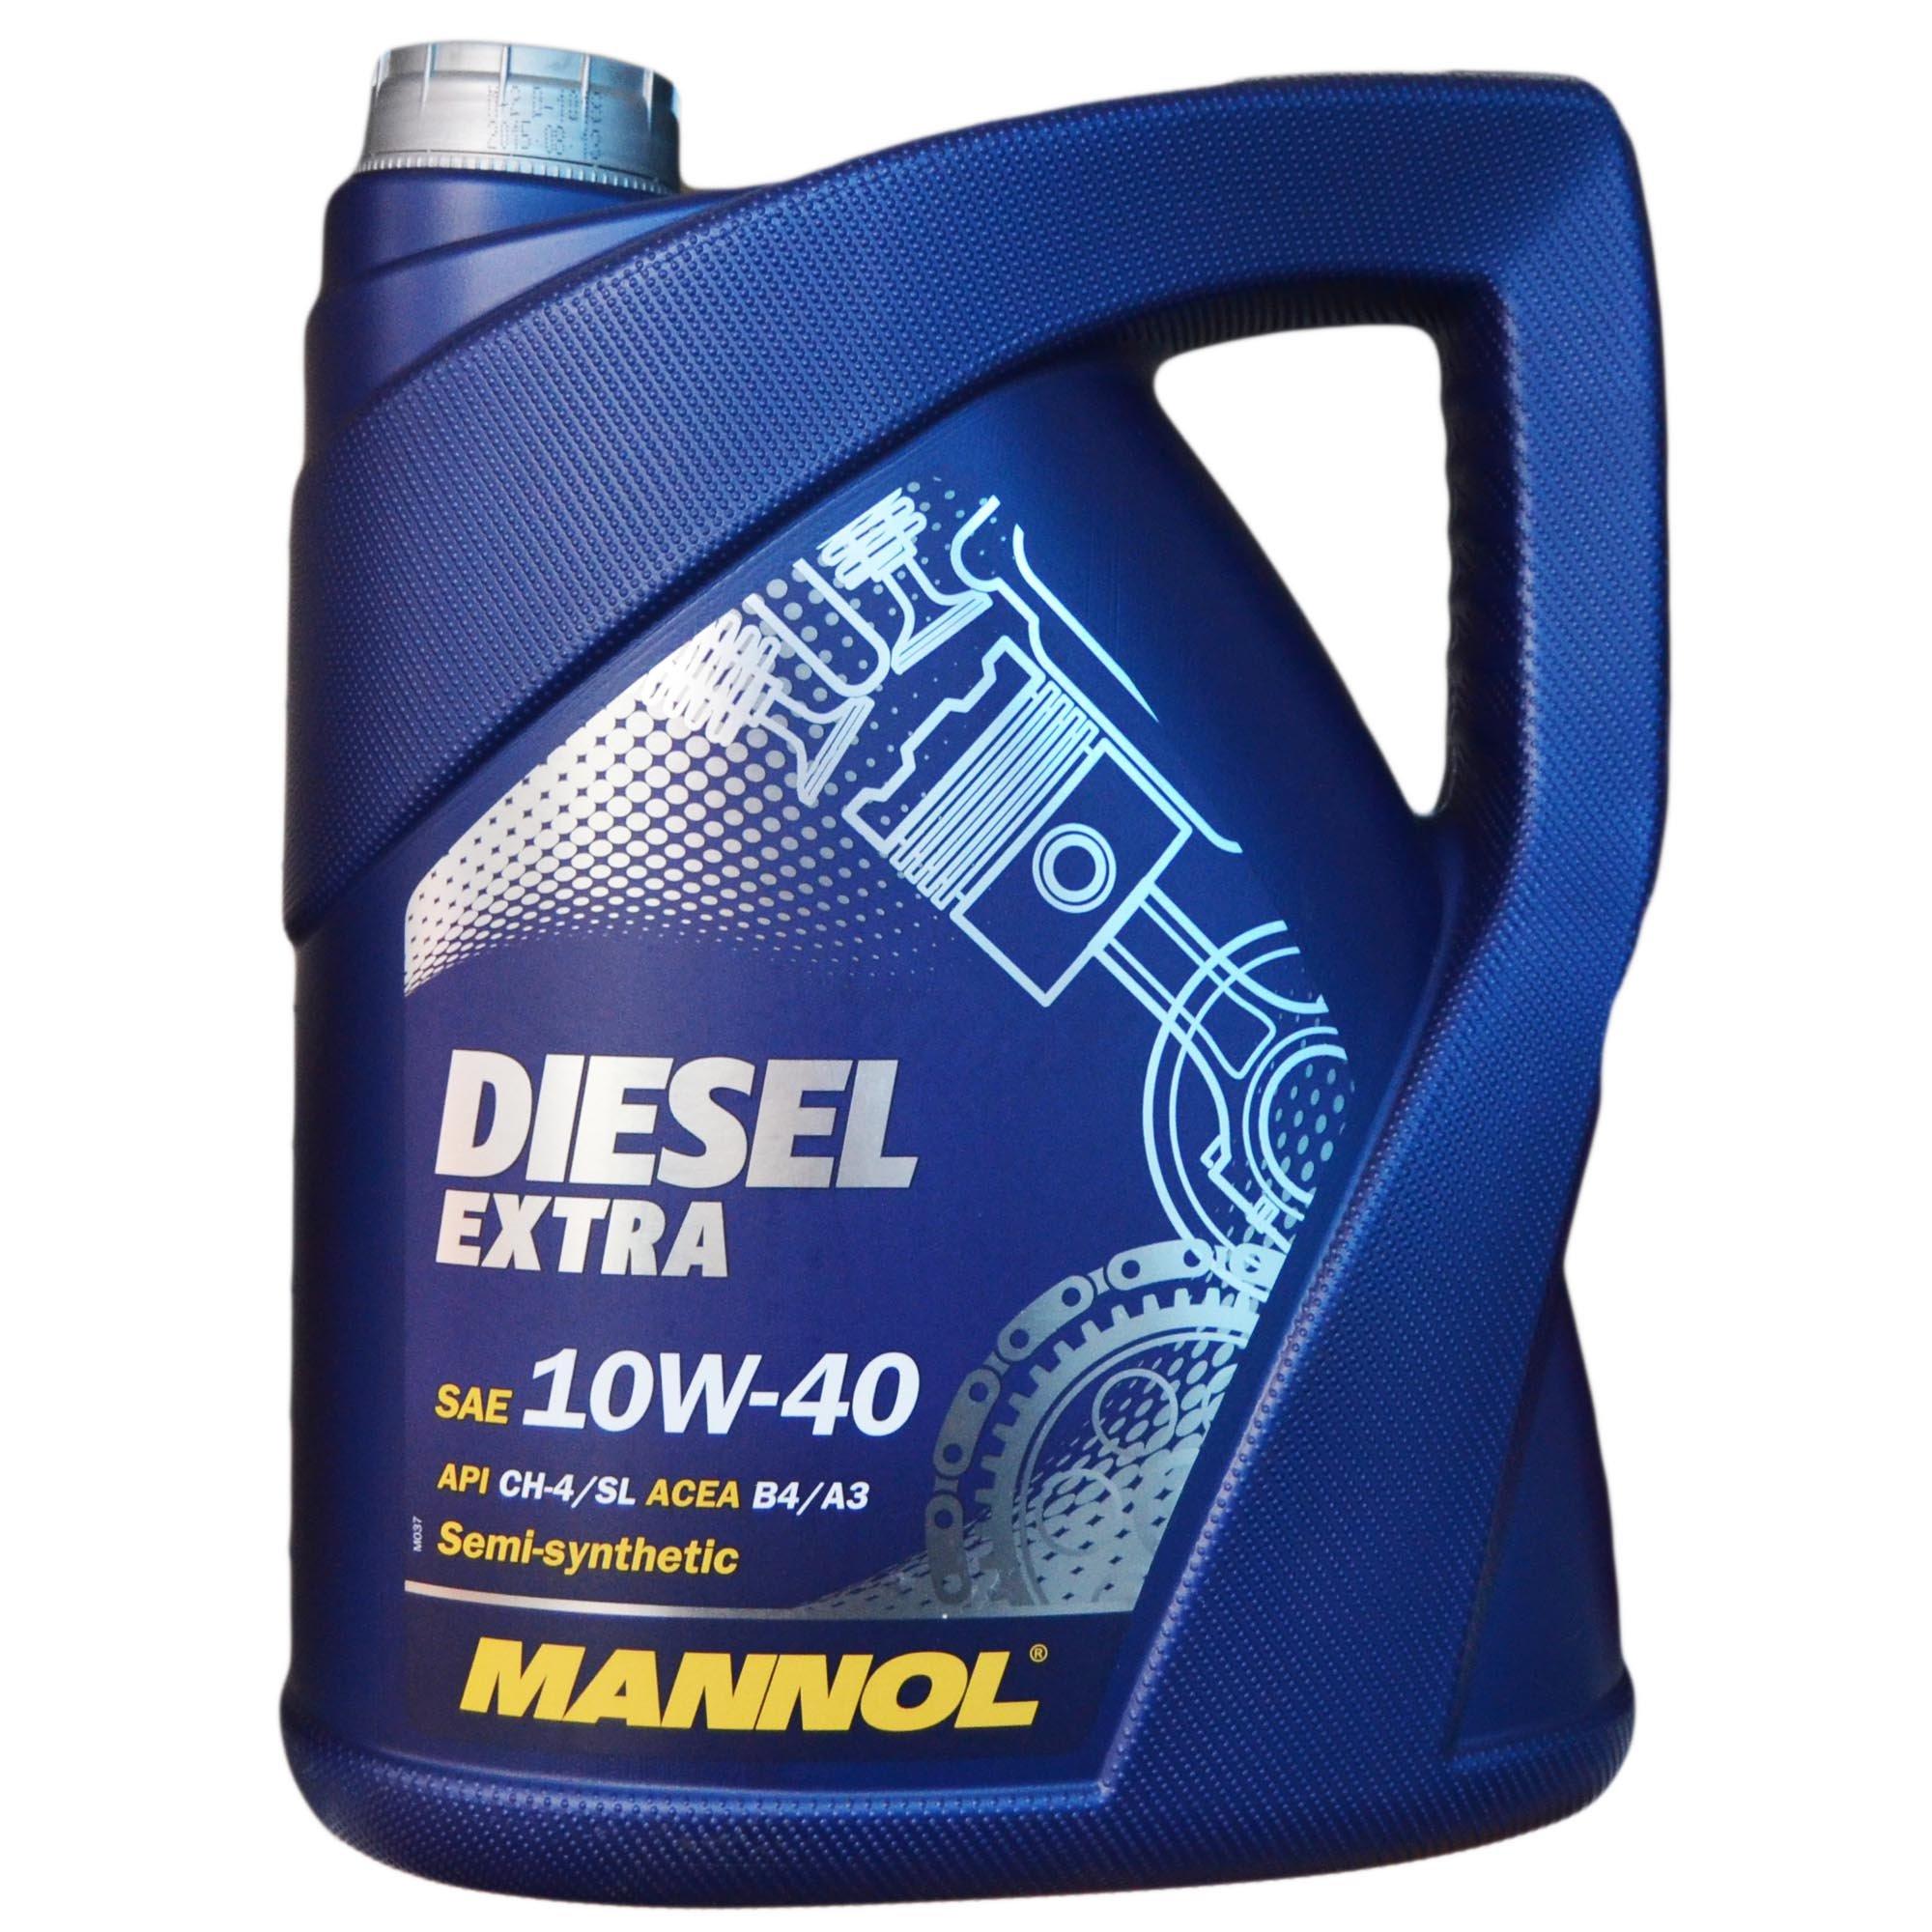 Mannol Diesel Extra 10W-40 5л